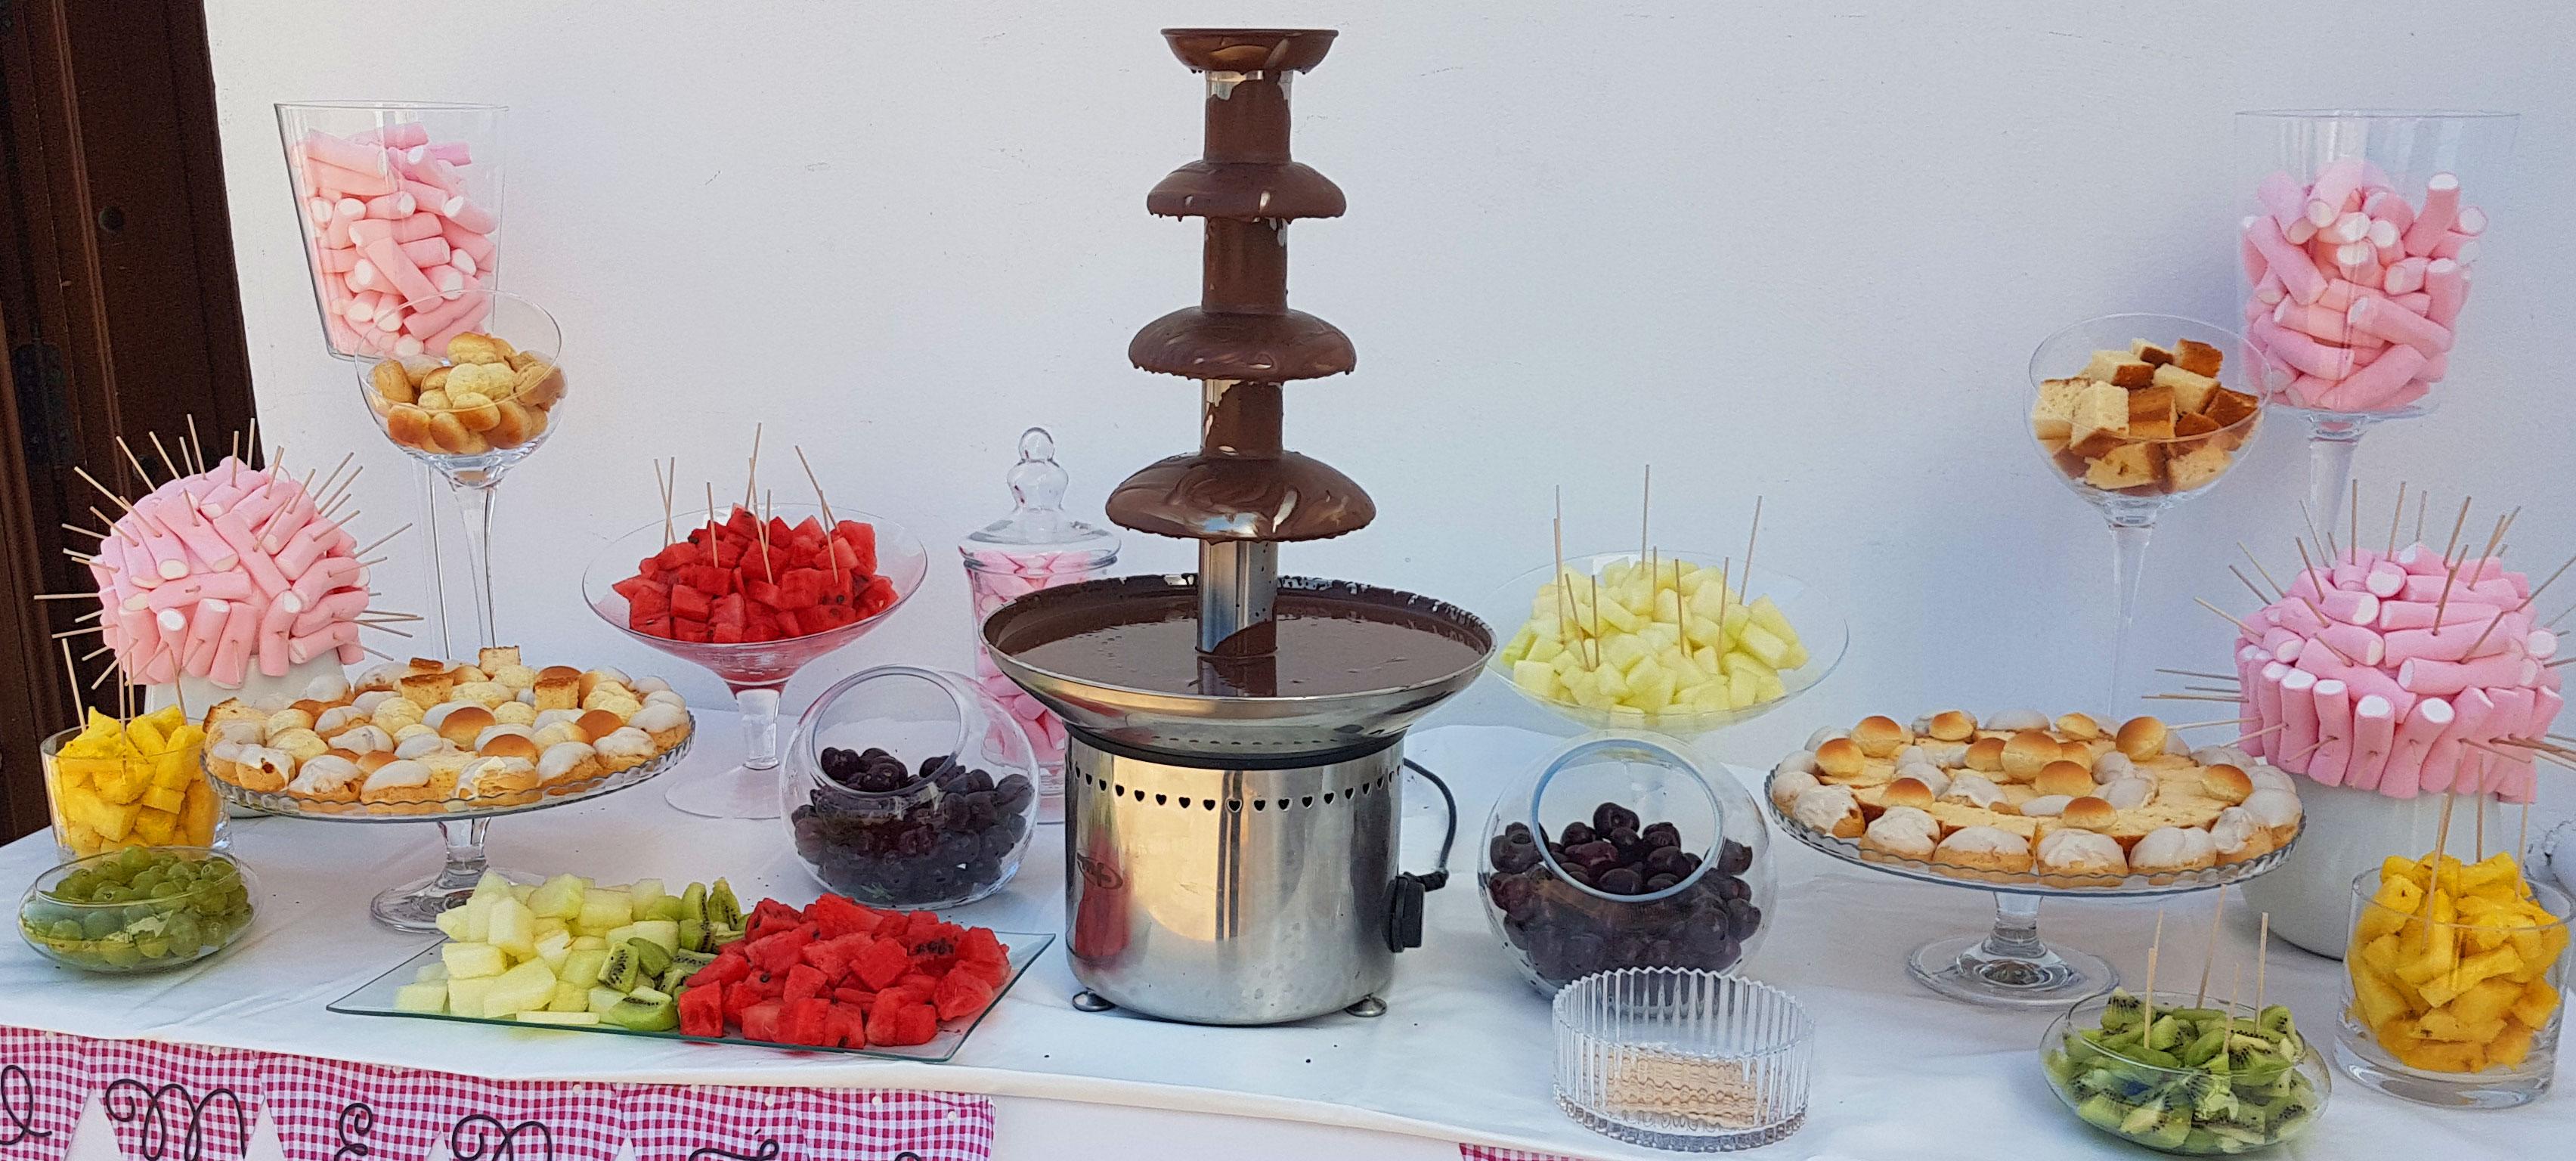 fuente-de-chocolate-2